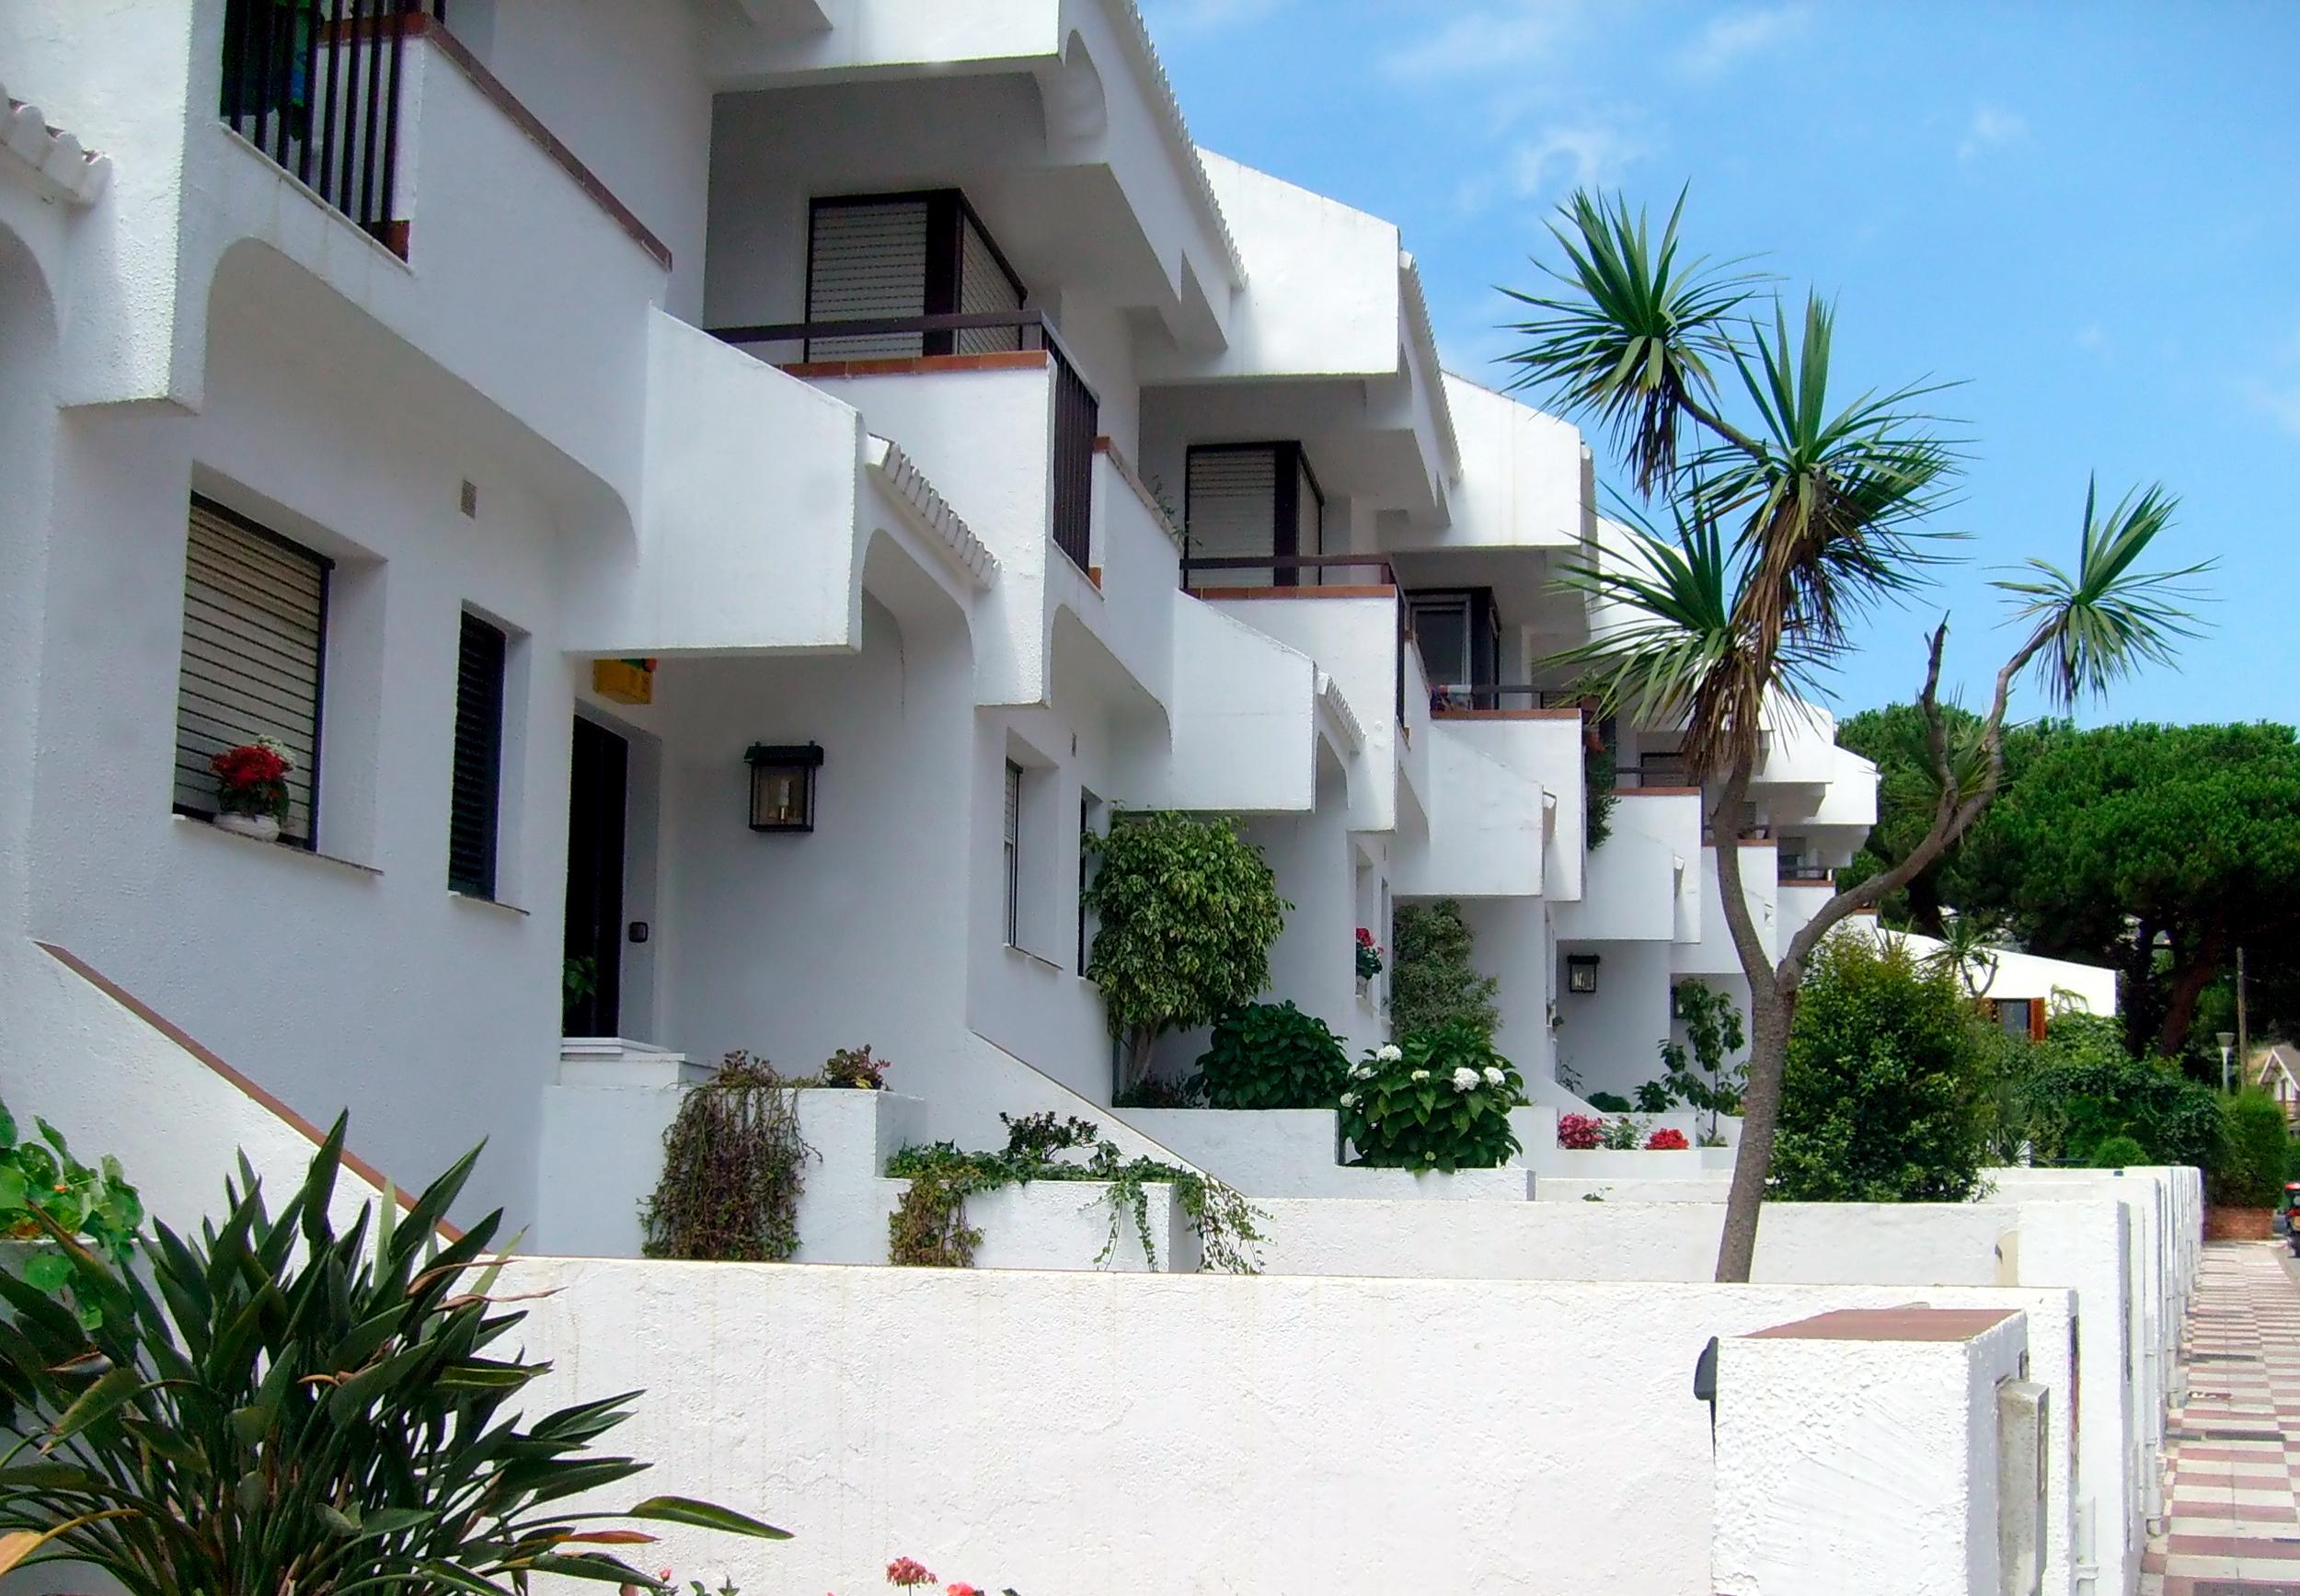 Дома в Испании, ВНЖ которой можно получить, купив недвижимость в стране